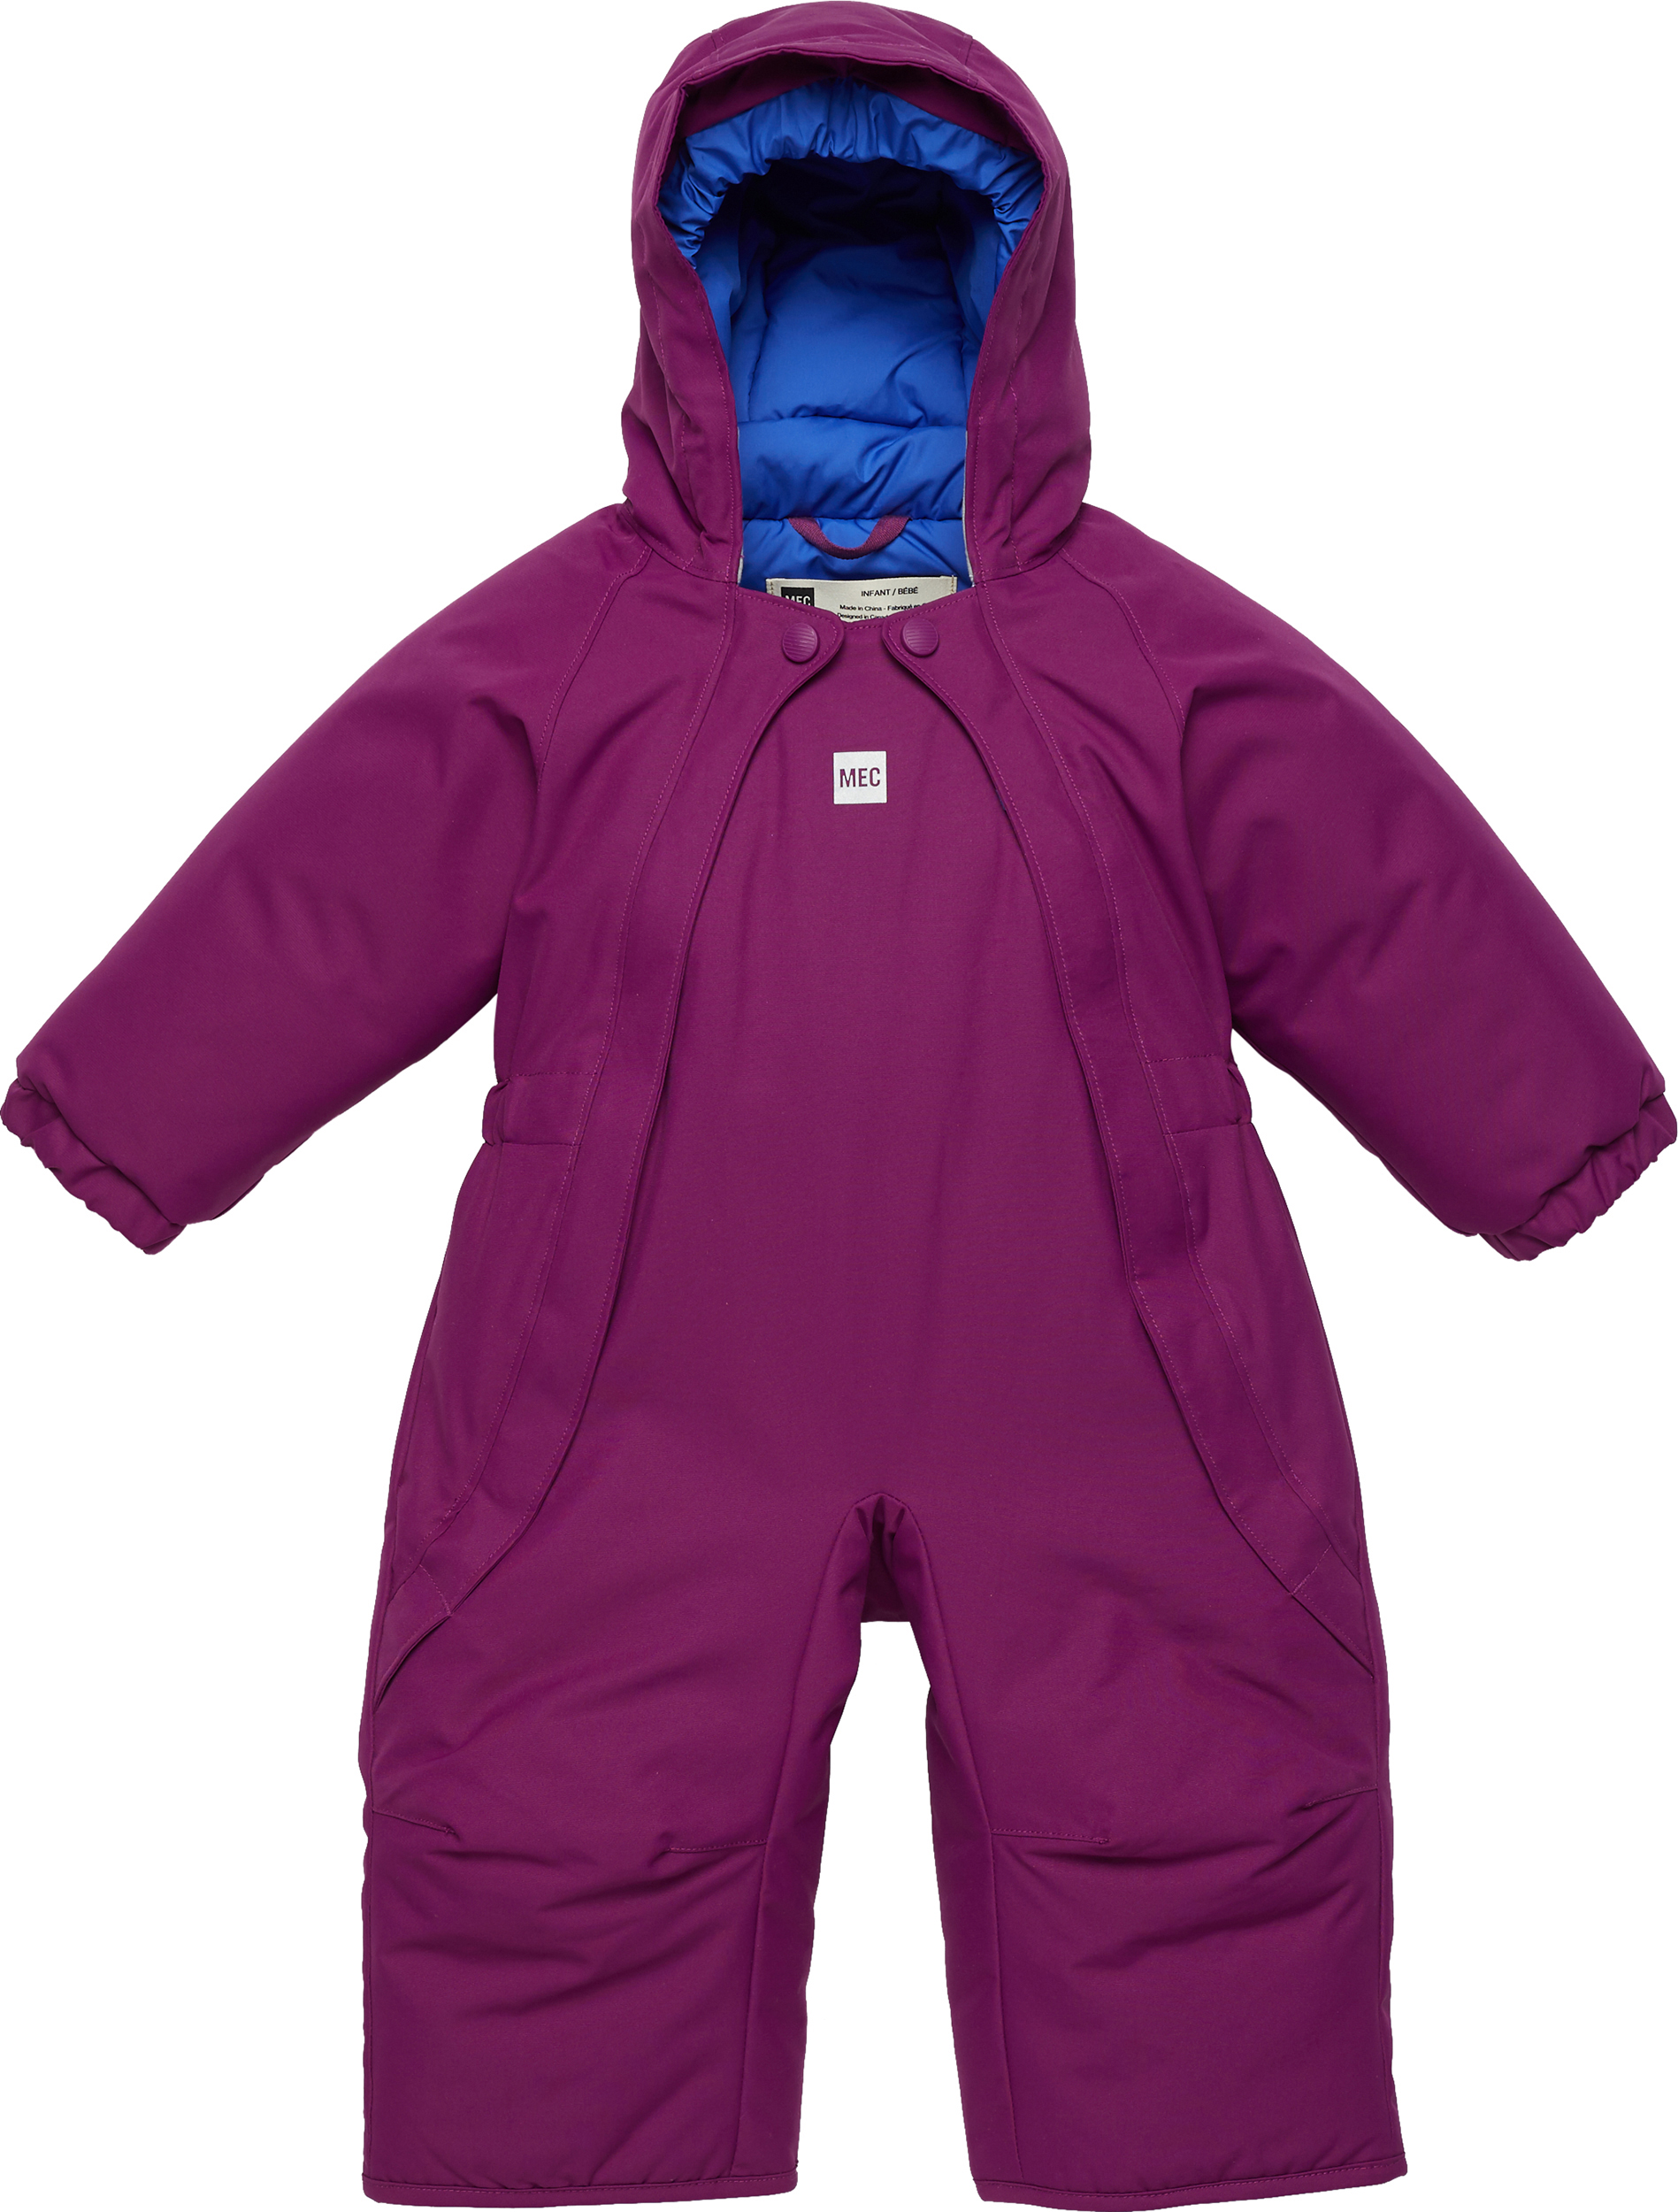 9d474c380575 MEC Toaster Bunting Suit - Infants